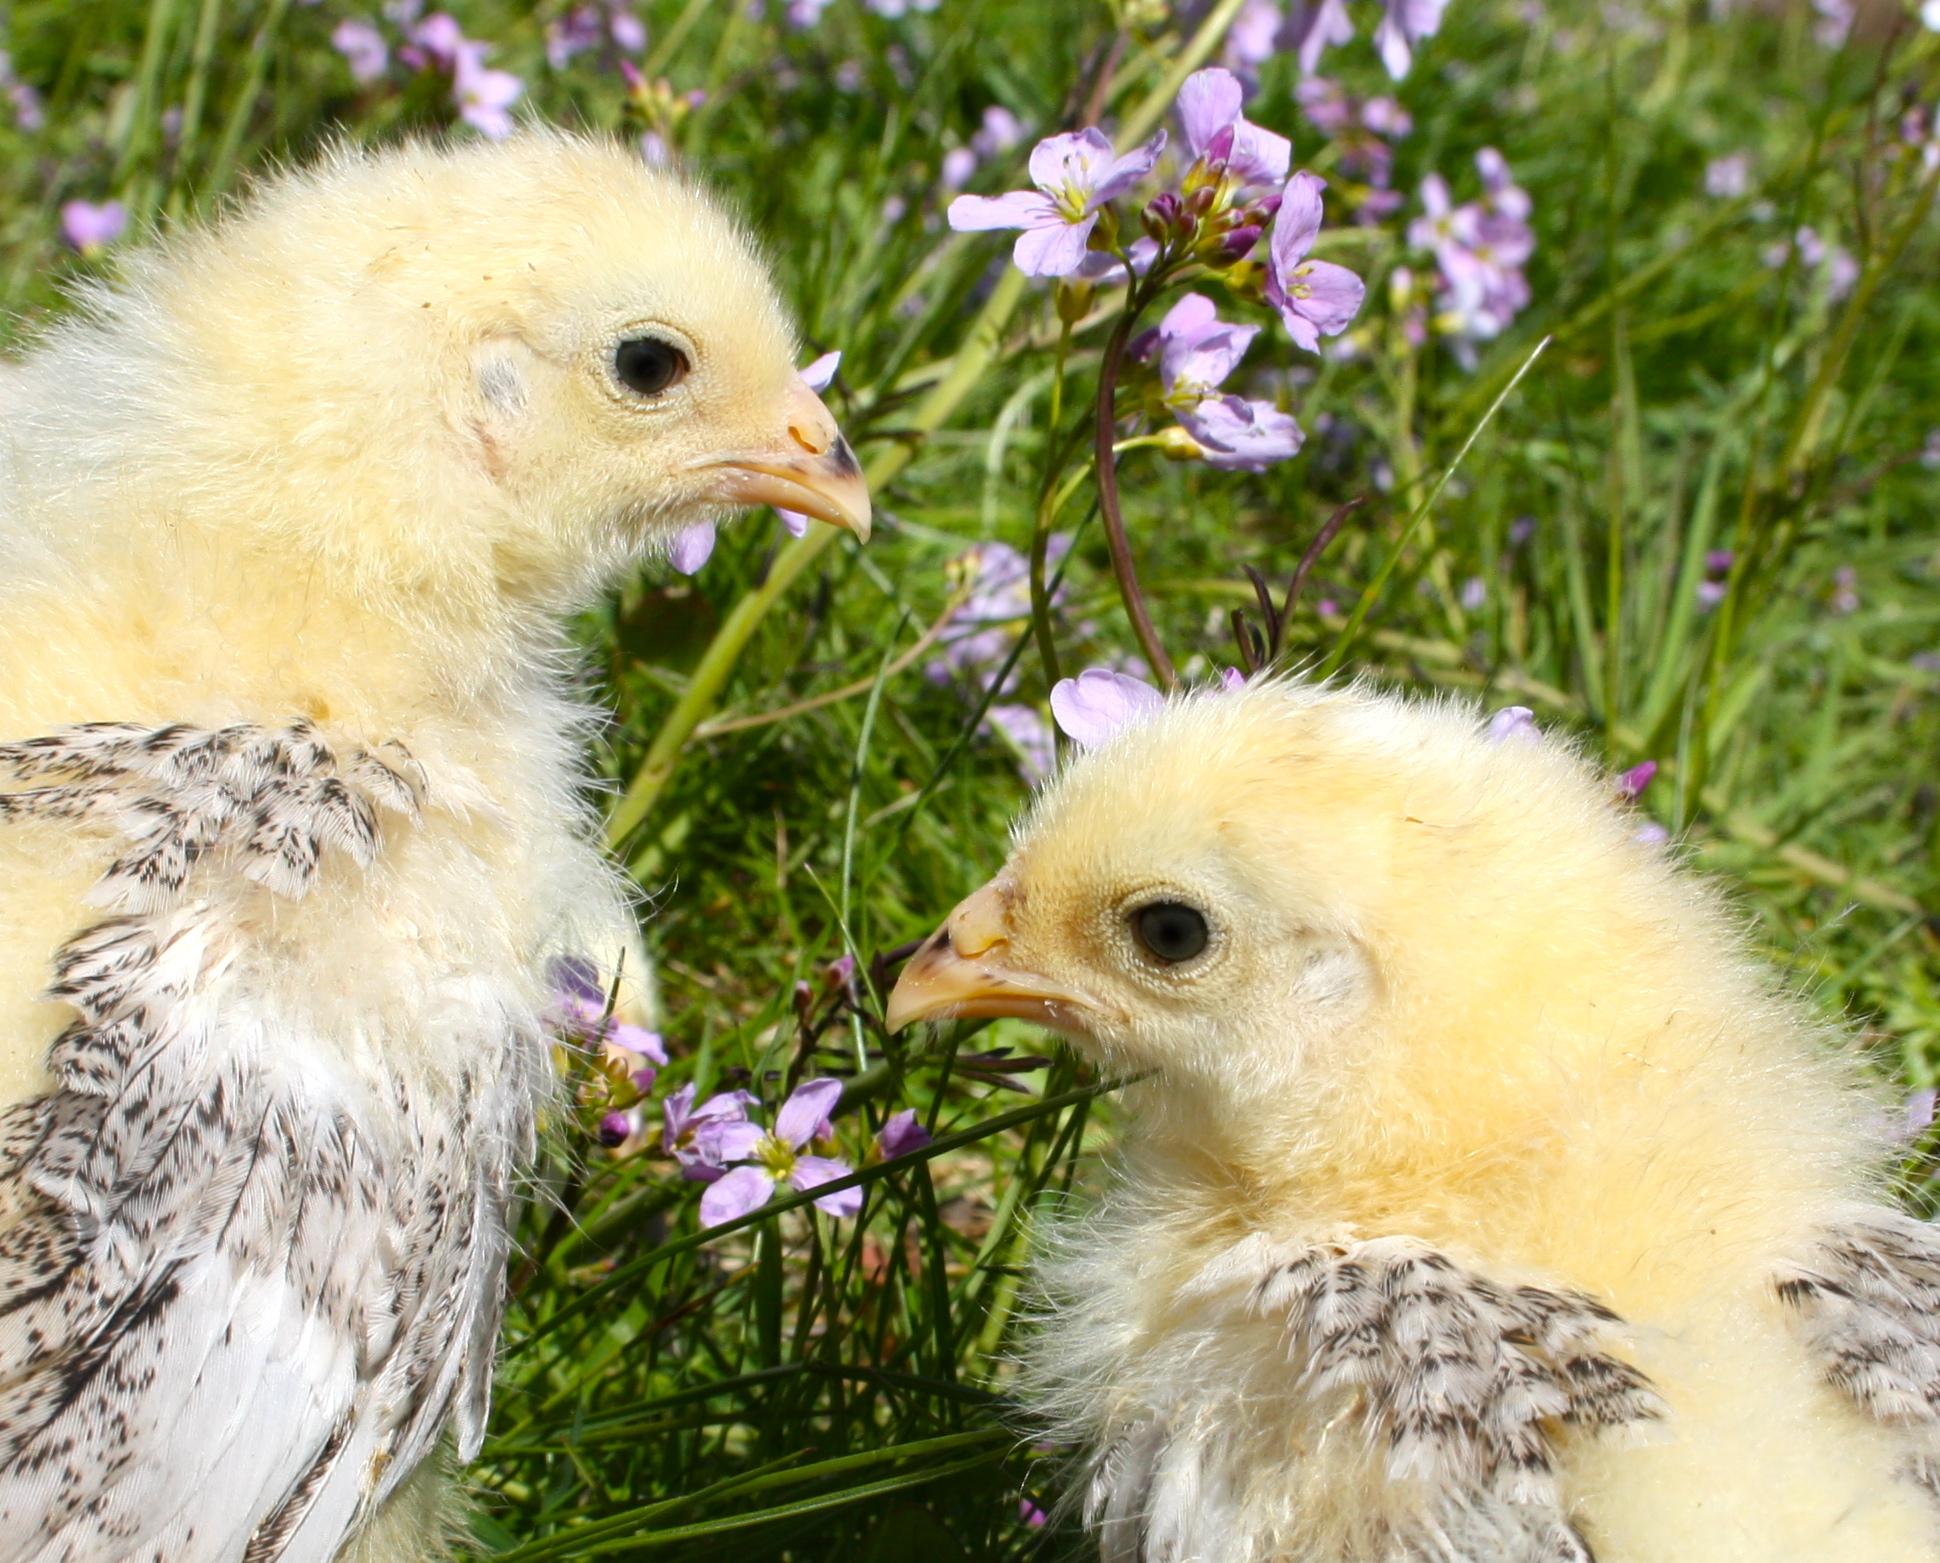 Mettre Des Poules Dans Son Jardin elever des poussins dans son jardin | gamm vert